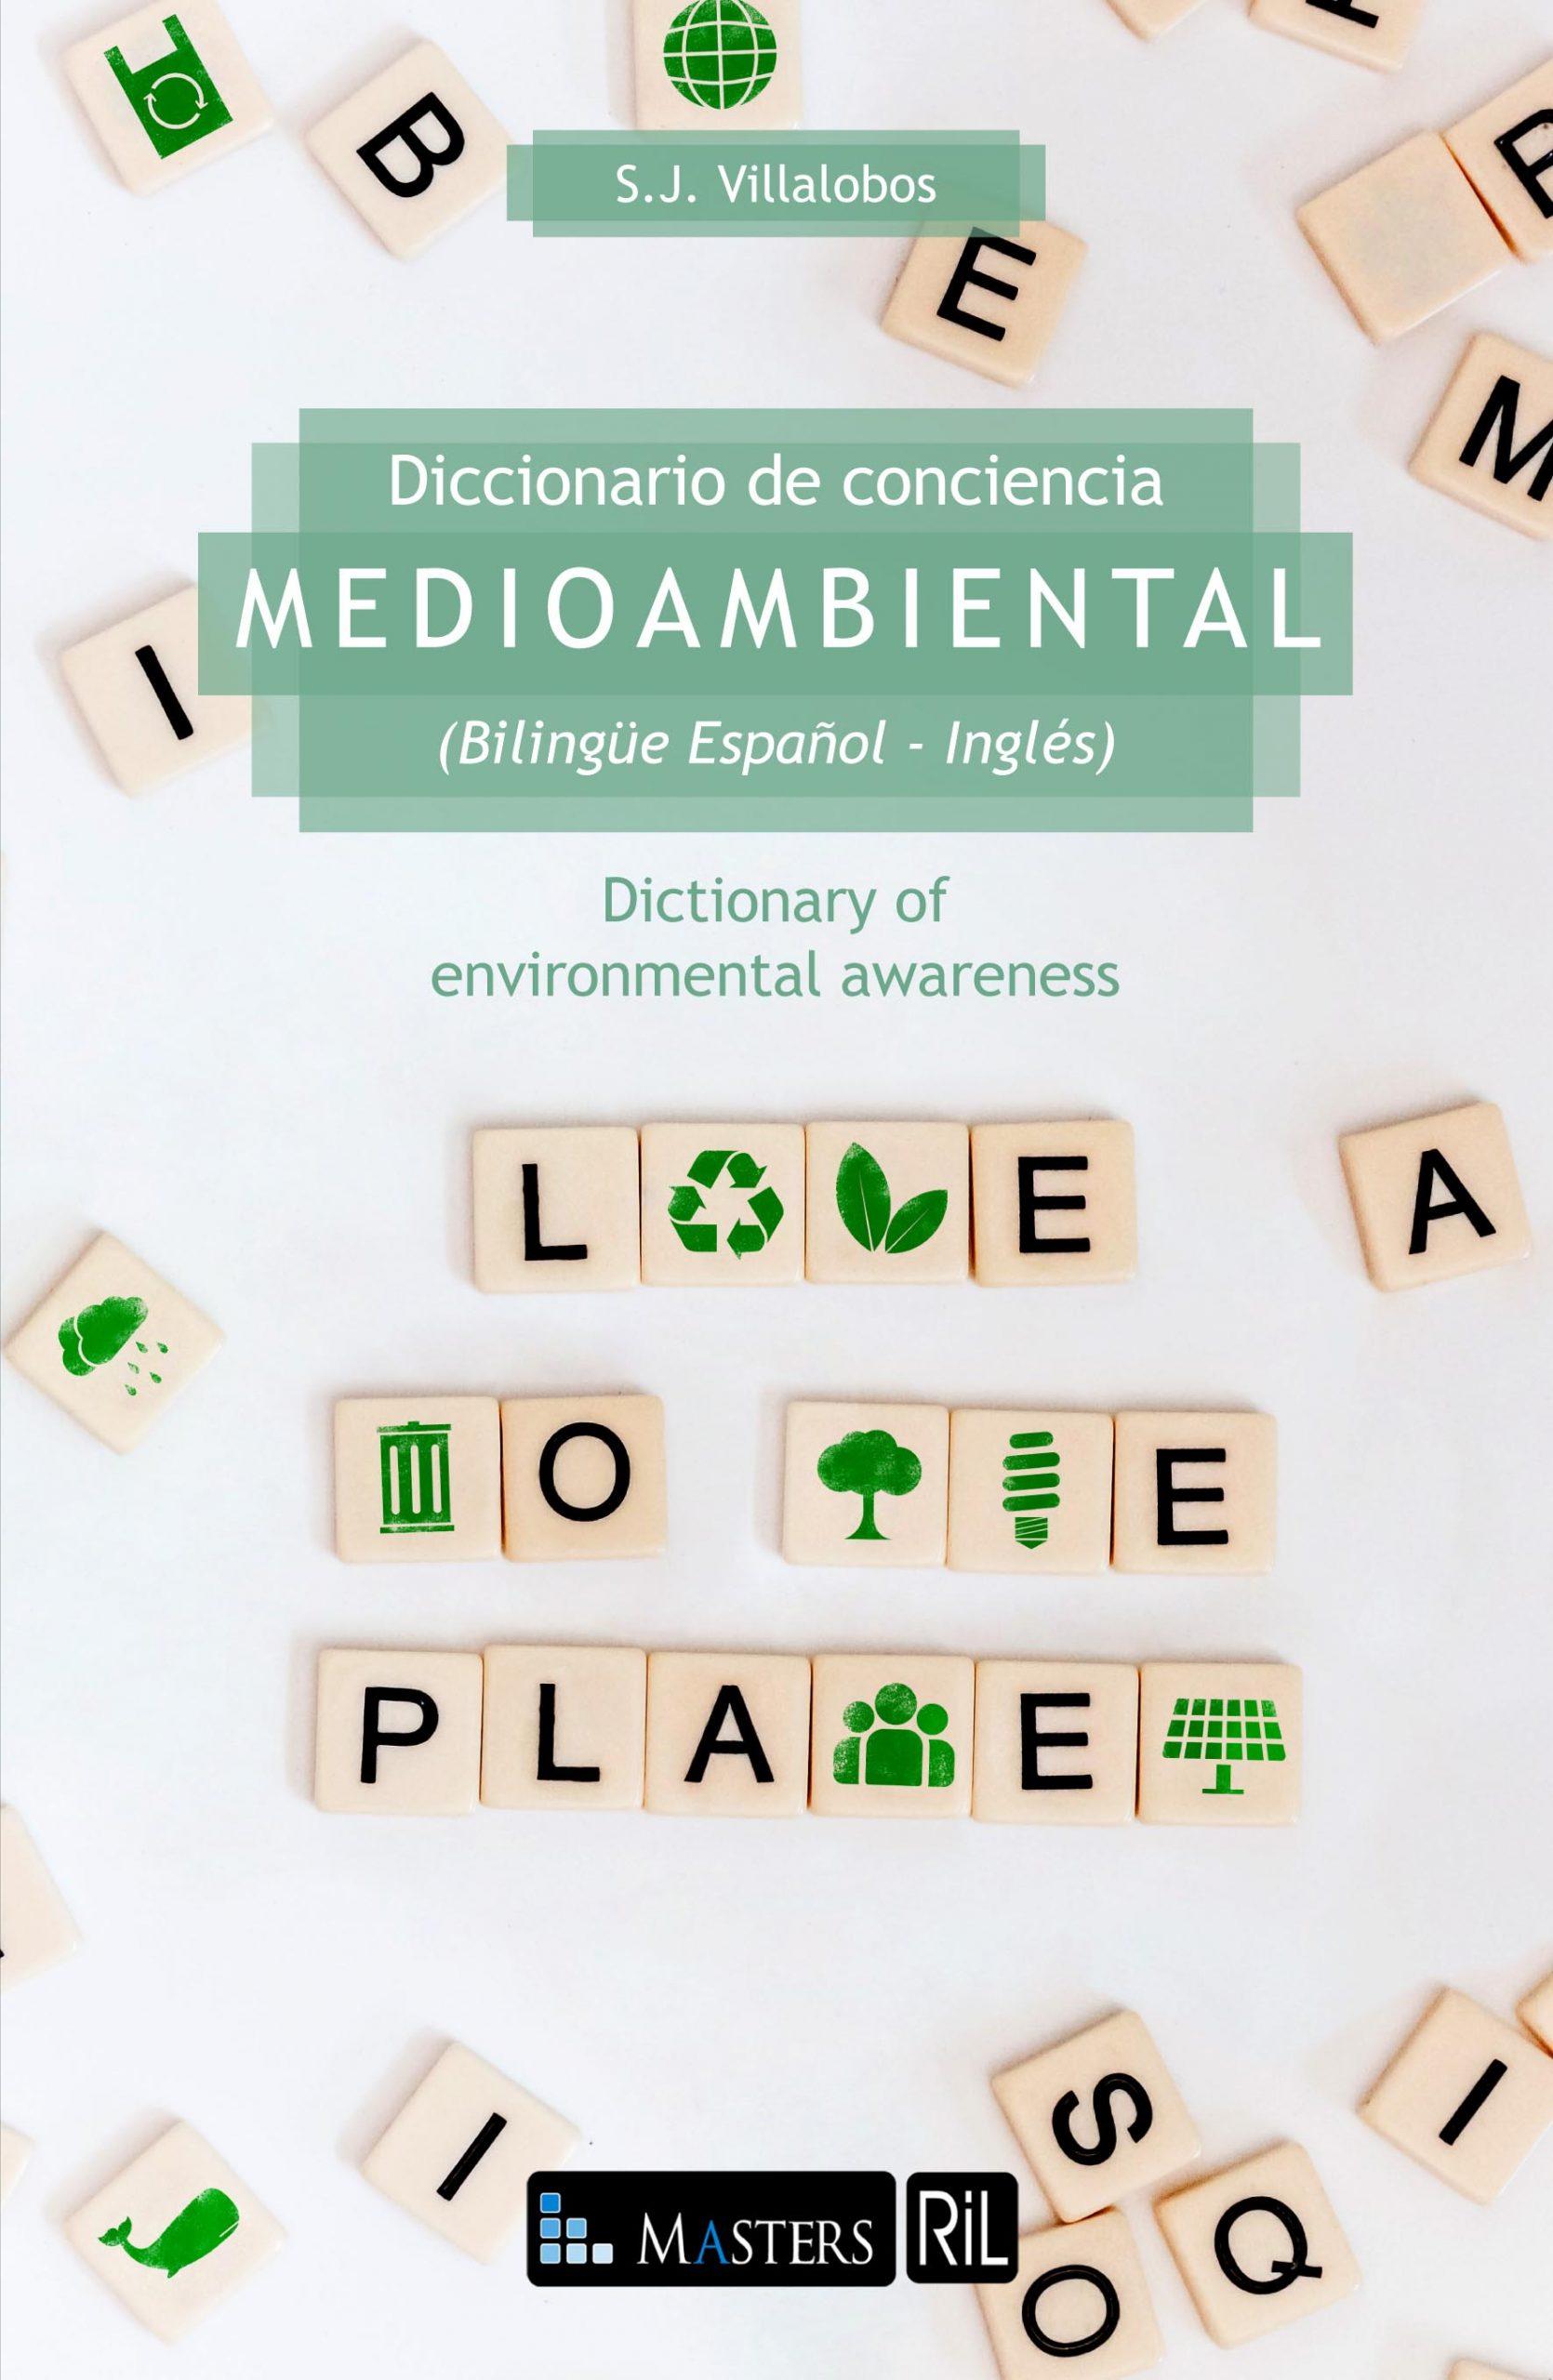 Diccionario de conciencia medioambiental (Bilingüe Español - Inglés) / Dictionary of environmental awareness 1